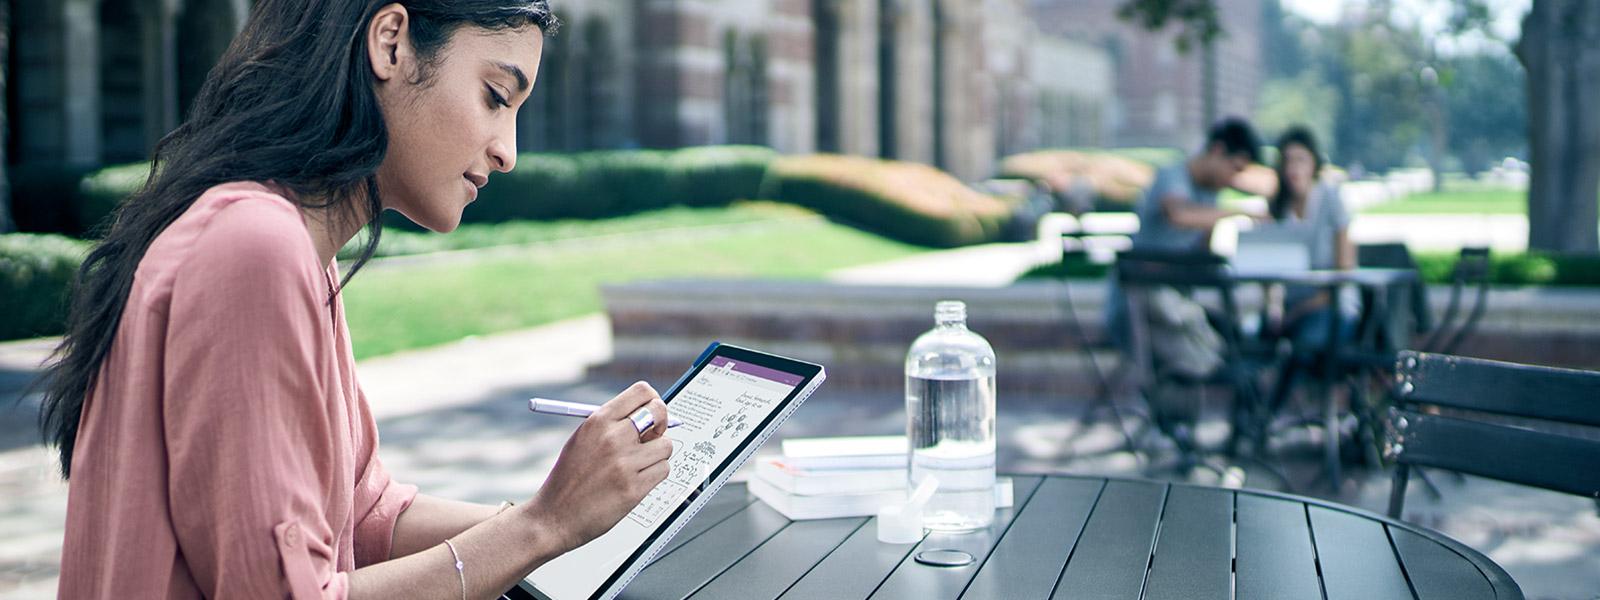 امرأة تجلس بمكان مفتوح، تستخدم شاشة لمسية لجهاز Surface Pro 4 في وضع الكمبيوتر اللوحي.